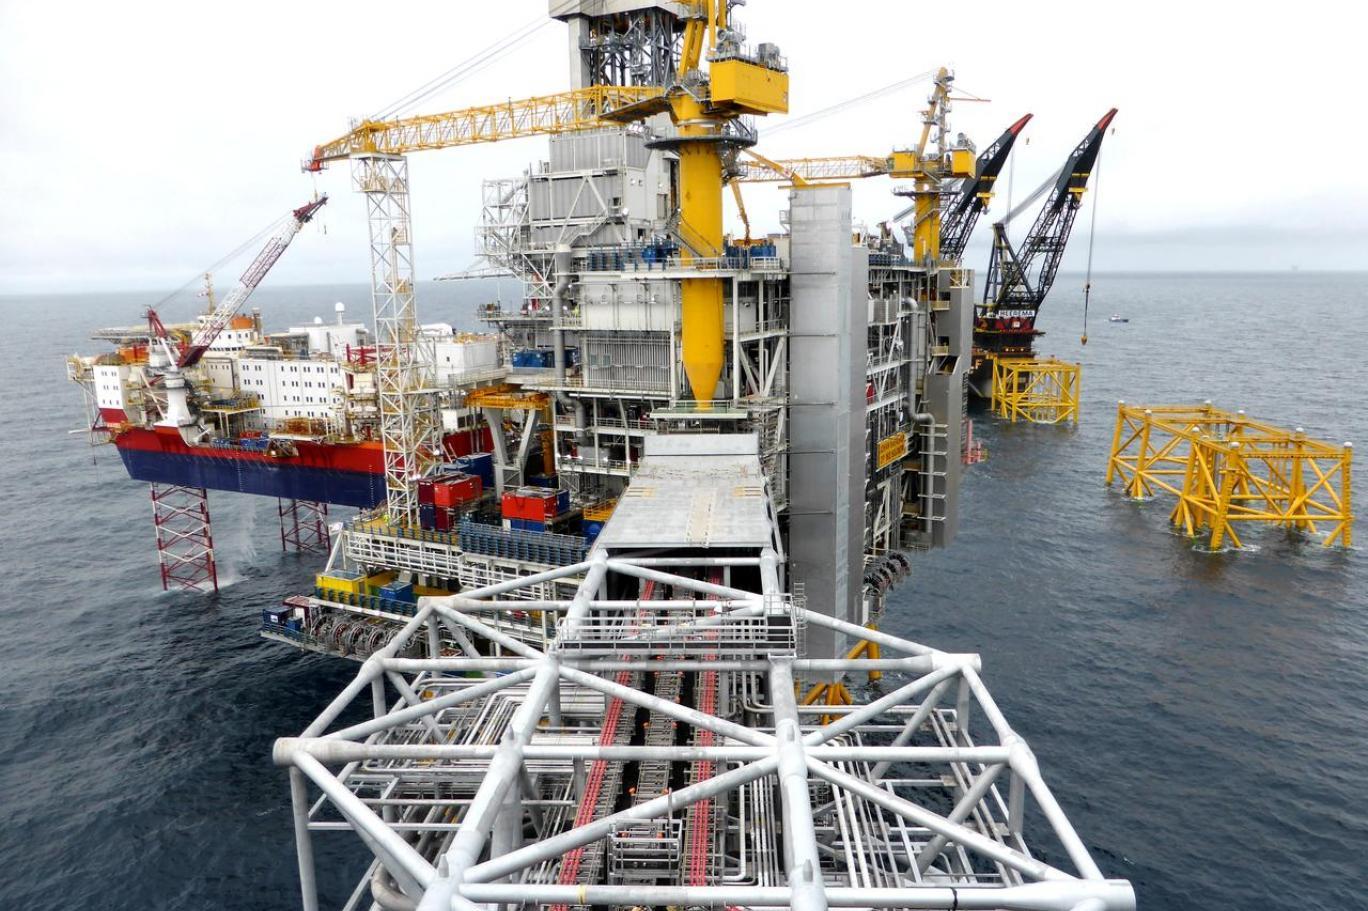 أوضاع النفط مستقرة علي الرغم من كل ما يحدث من توتر بين دولتي أمريكا والصين